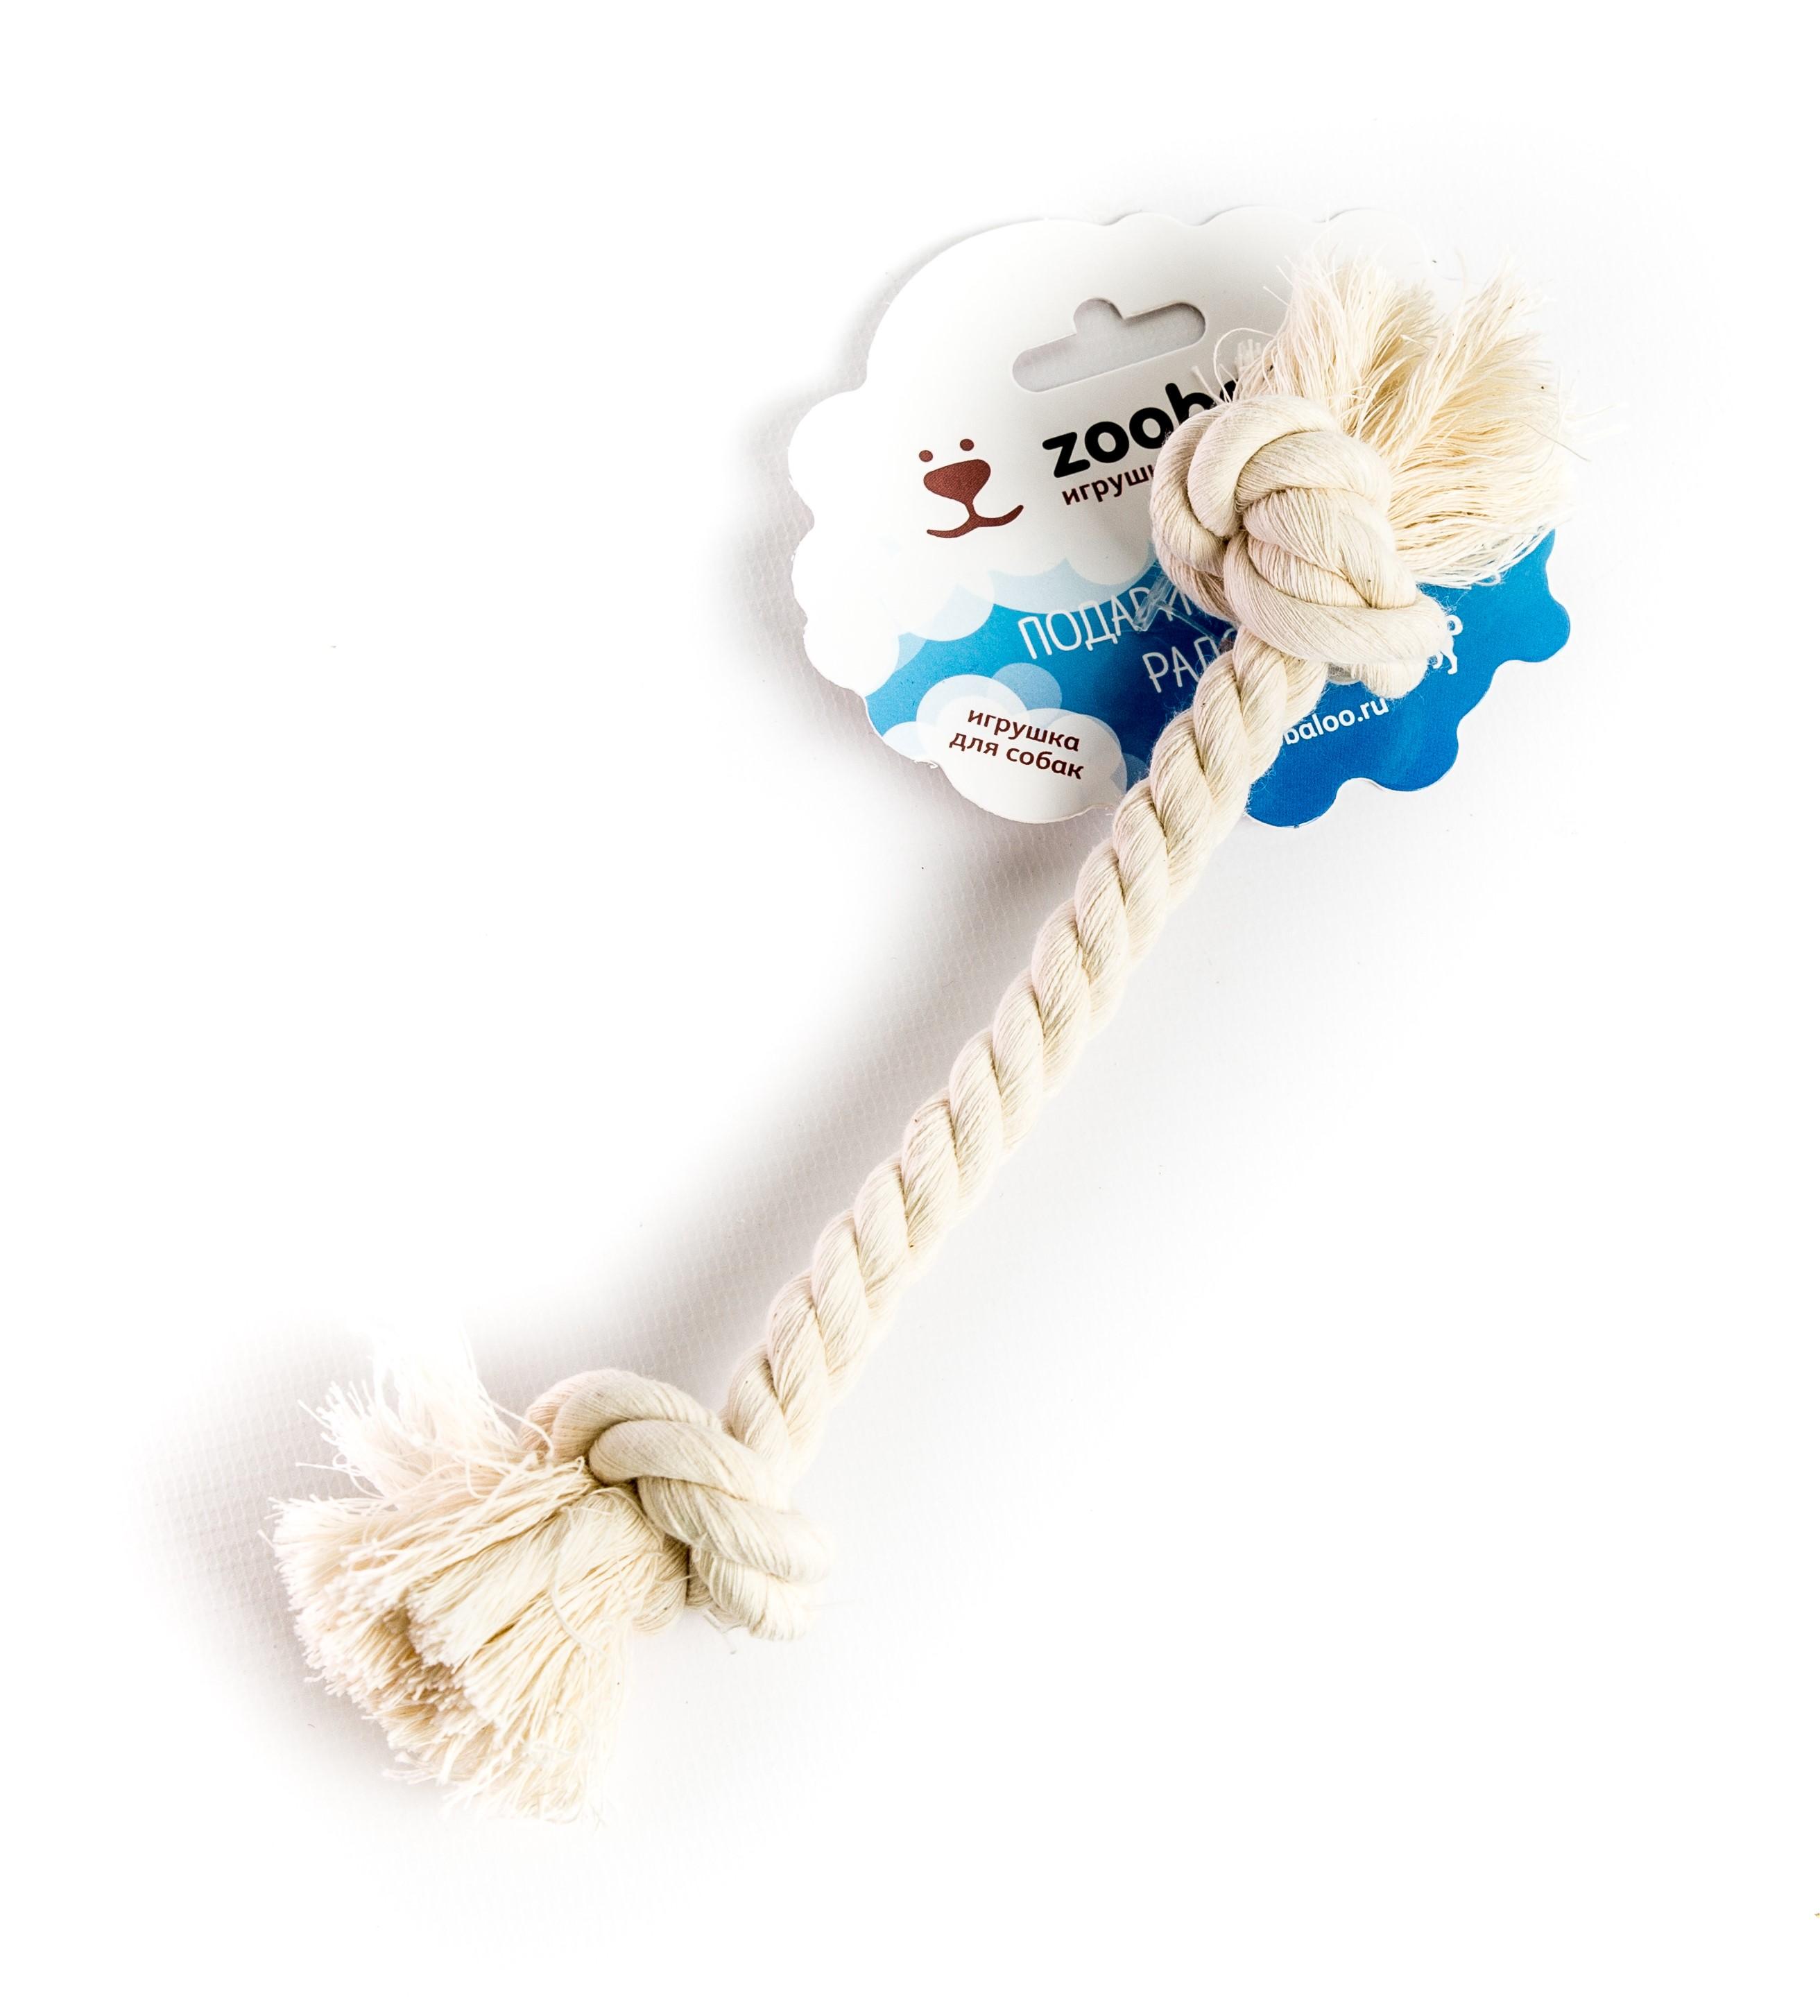 Игрушка для животных Zoobaloo 412412Какой бы ни была порода Вашей собаки – этот моно-аксессуар подойдёт и Вам, и вашему питомцу. Удобно хватать, жевать, грызть, таскать. Грейфер для малых собак из хлопковой веревки 21см. Мы учли, что игрушка должна подходить не только животному, но и хозяину: удобство хвата, размеры, материал. Канатик из хлопка с узелками на концах – вот и вся конструкция простого, но эффективного и, что важно, рабочего гаджета. Перекрученная хлопчатобумажная веревка крепка и несомненно привлечет внимание вашей собаки. 21 см. Традиционна, адаптирована для командных игр. Игрушка подходит и для щенков, а также небольших собак. Прочный и долговечный, абсолютно безопасный аксессуар. Все необходимое учтено!